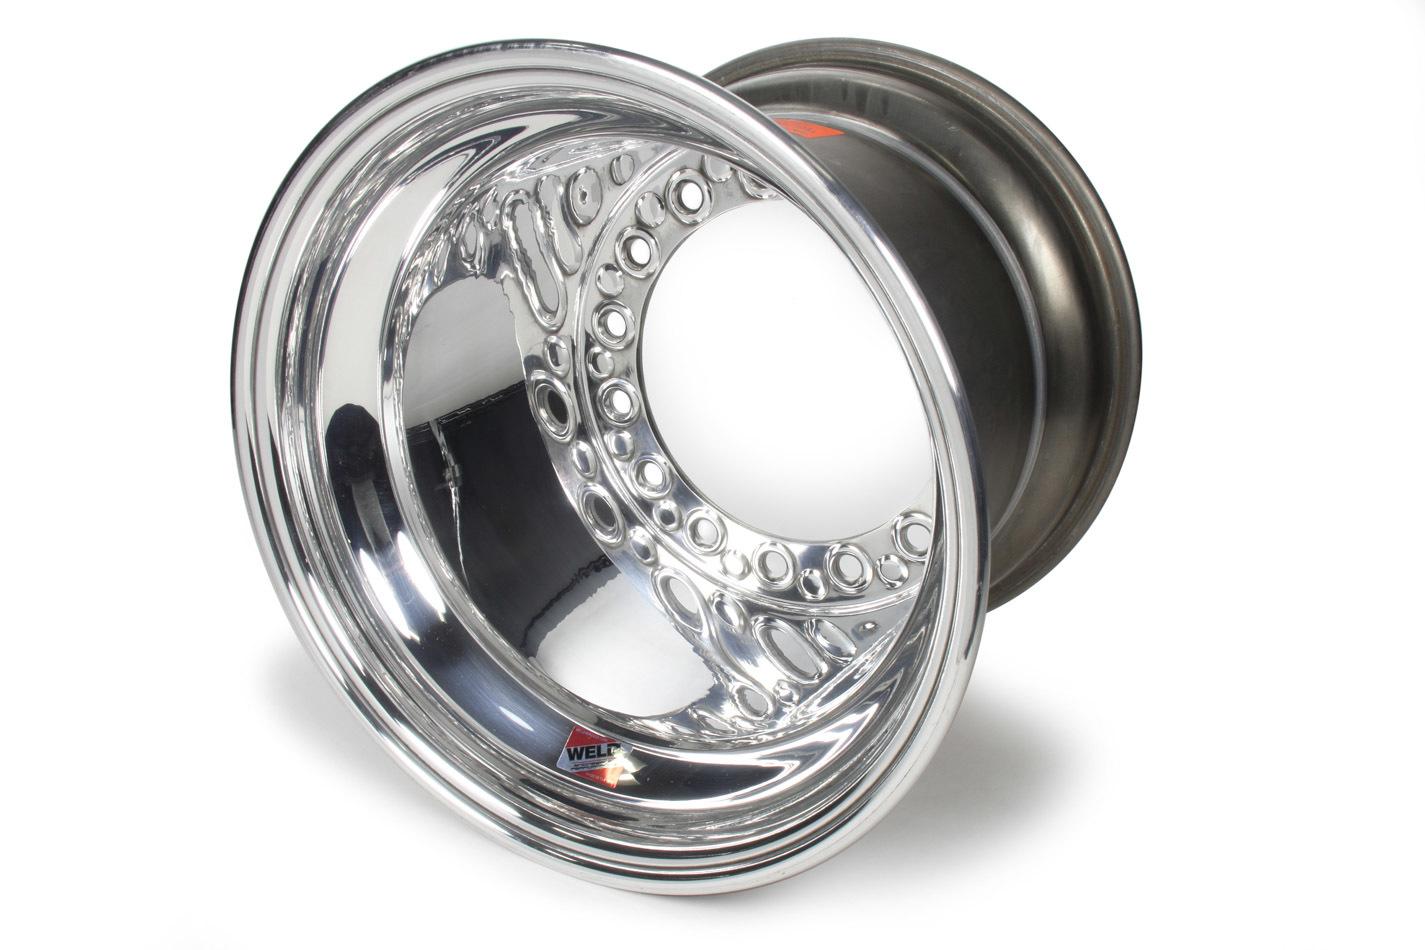 Weld Wheels 559-5313 Wheel, Wide 5 XL, 15 x 13 in, 3.000 in Backspace, Wide 5 Bolt Pattern, Aluminum, Polished, Each